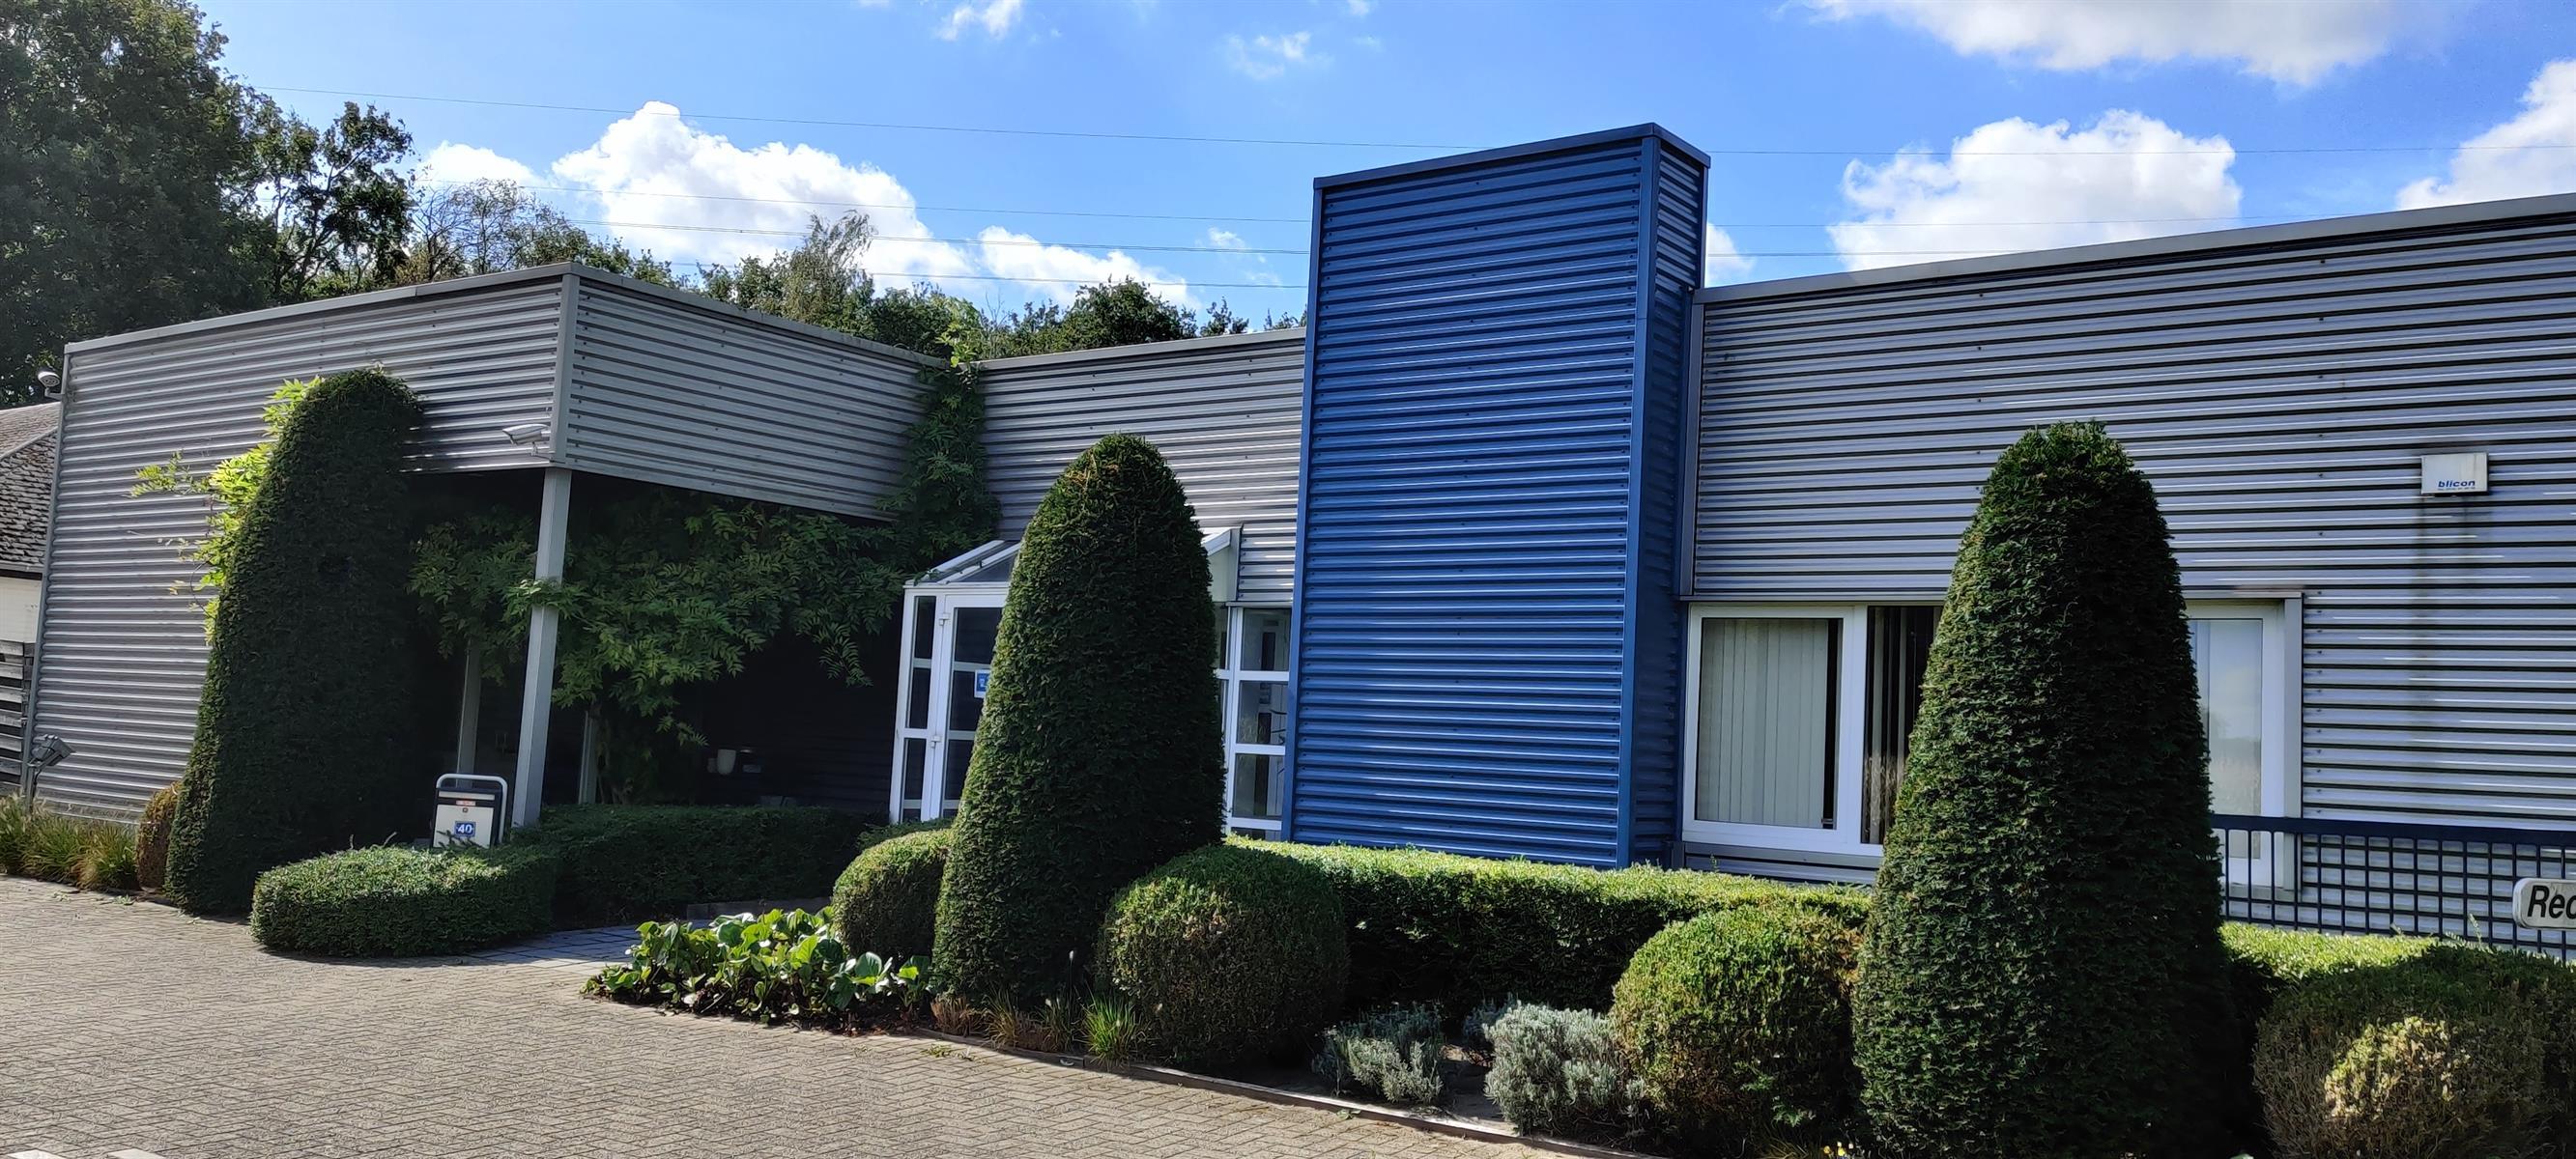 gebouw voor gemengd gebruik te koop I153 MAGAZIJN/ATELIER/KANTOOR - Dikberd 40, 2200 Herentals, België 1